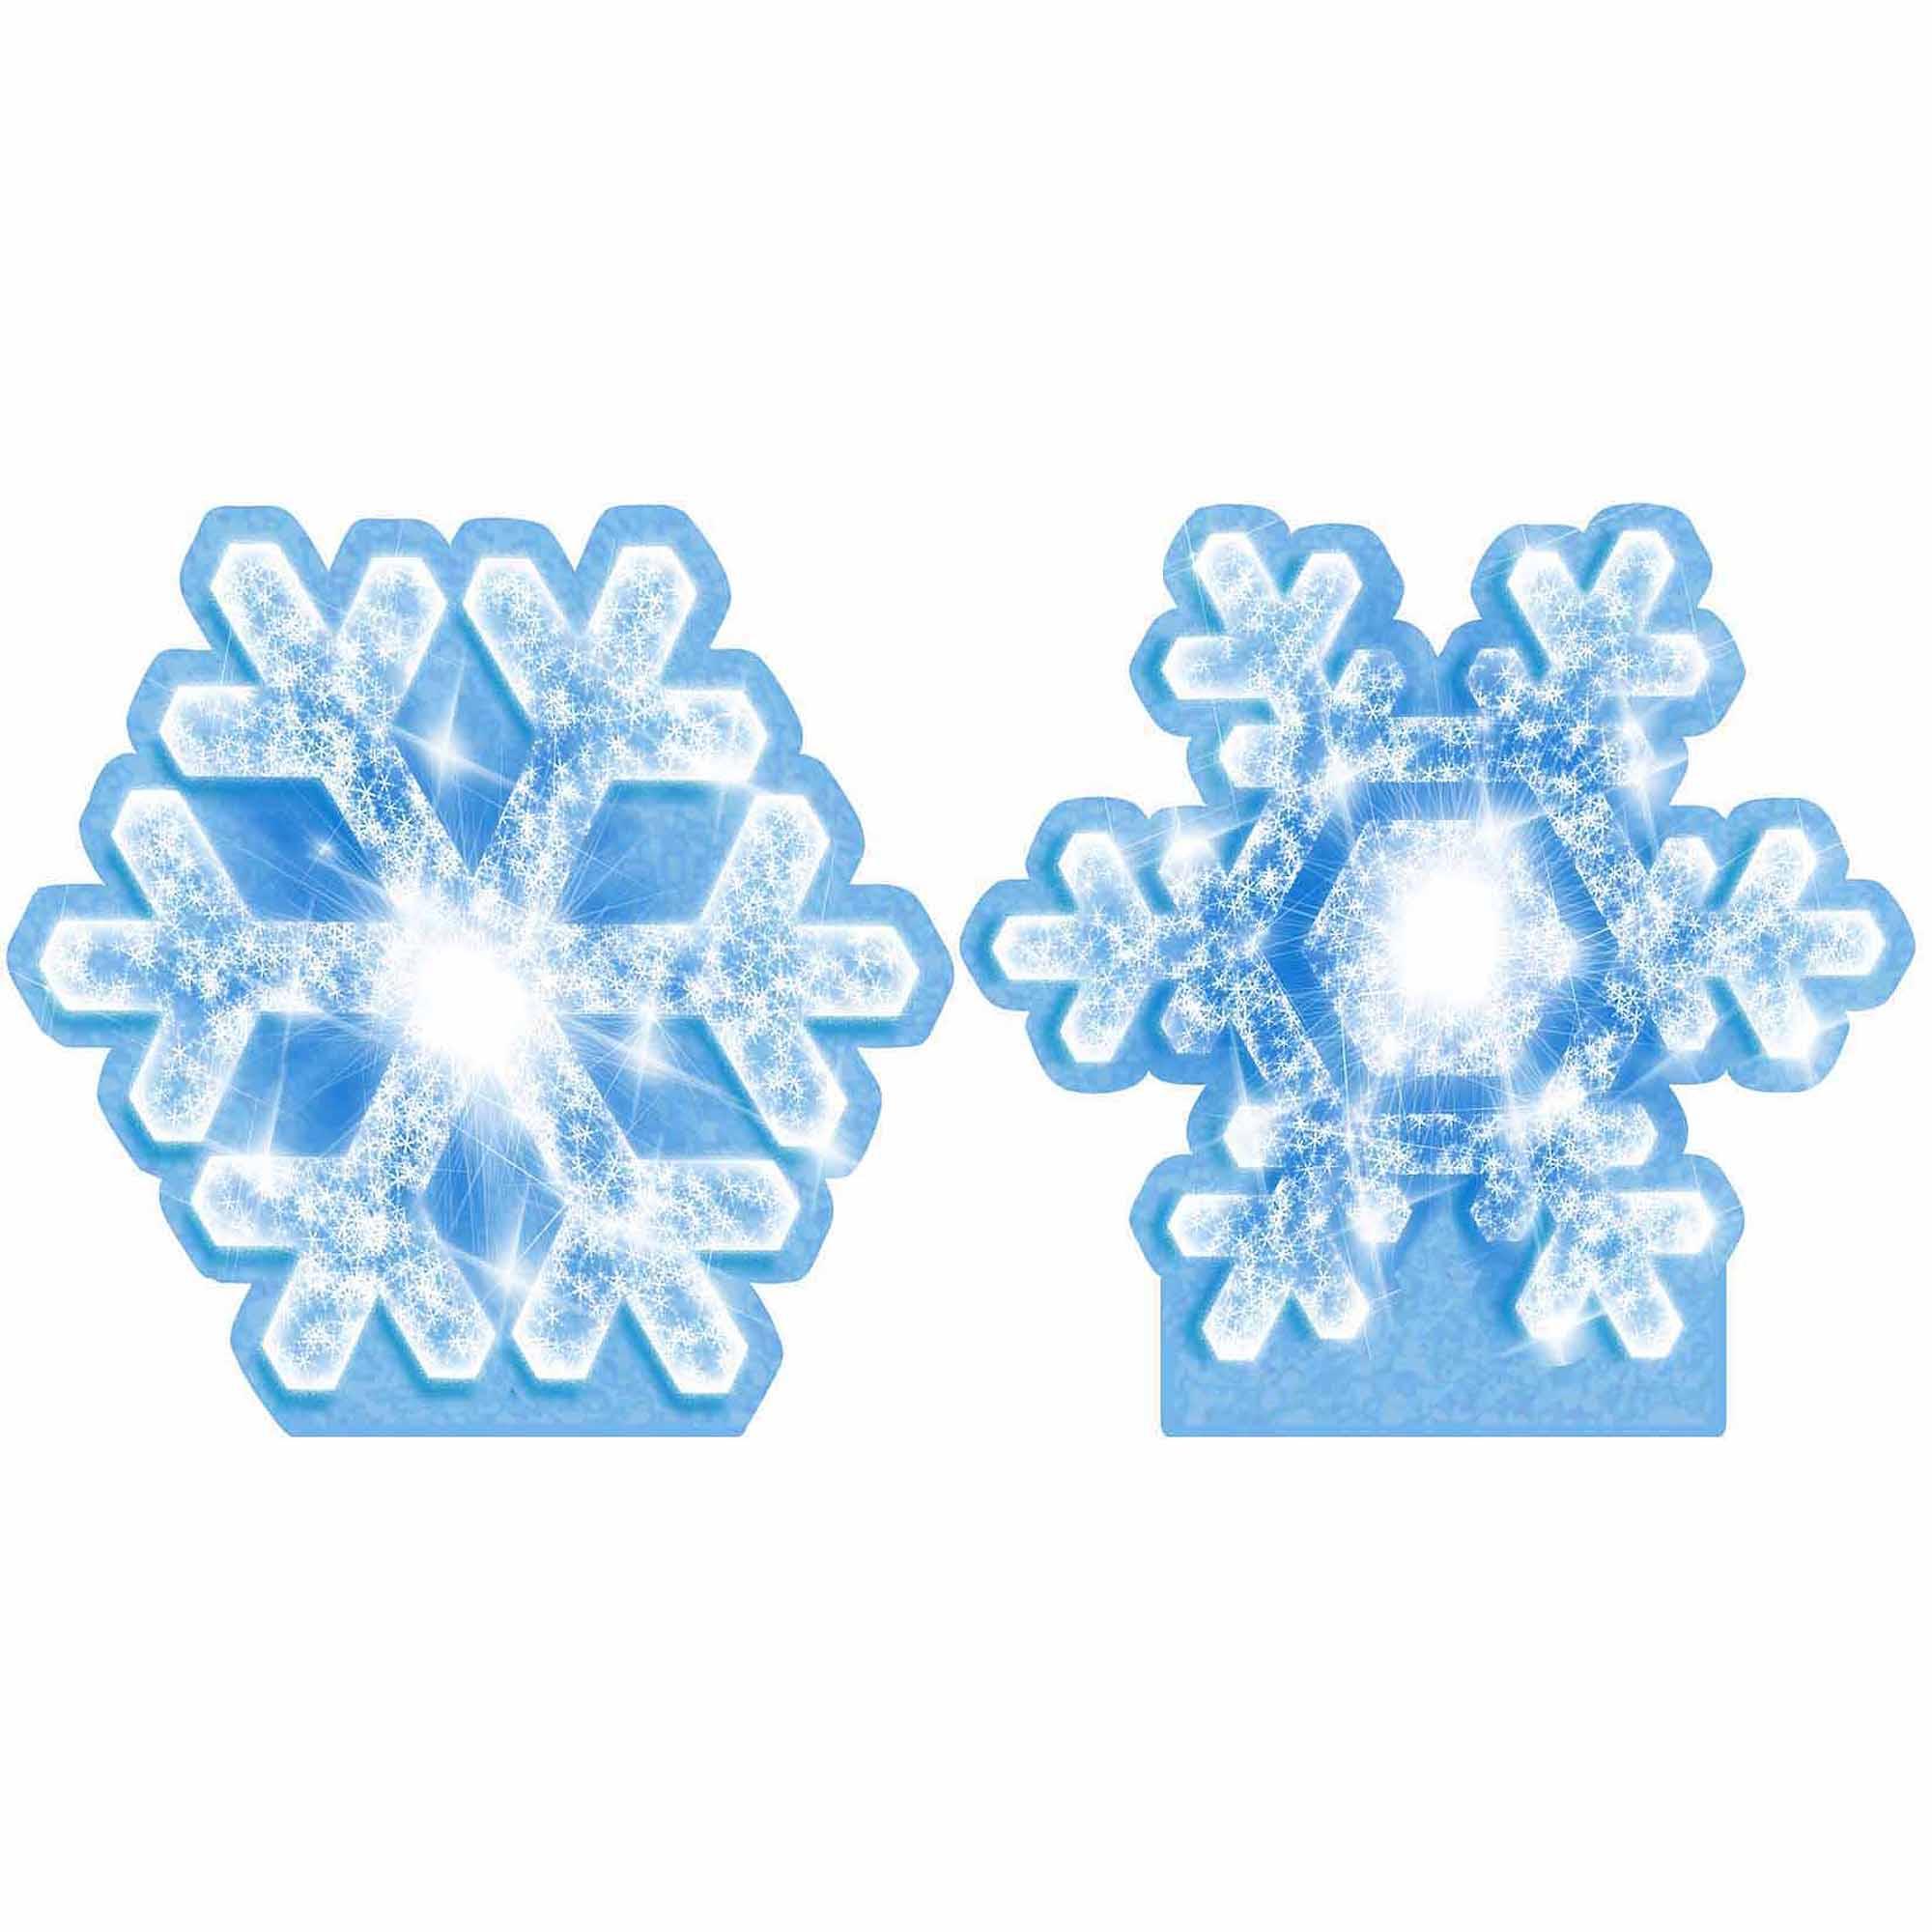 Frozen Wonderland Snowflake Standee Set